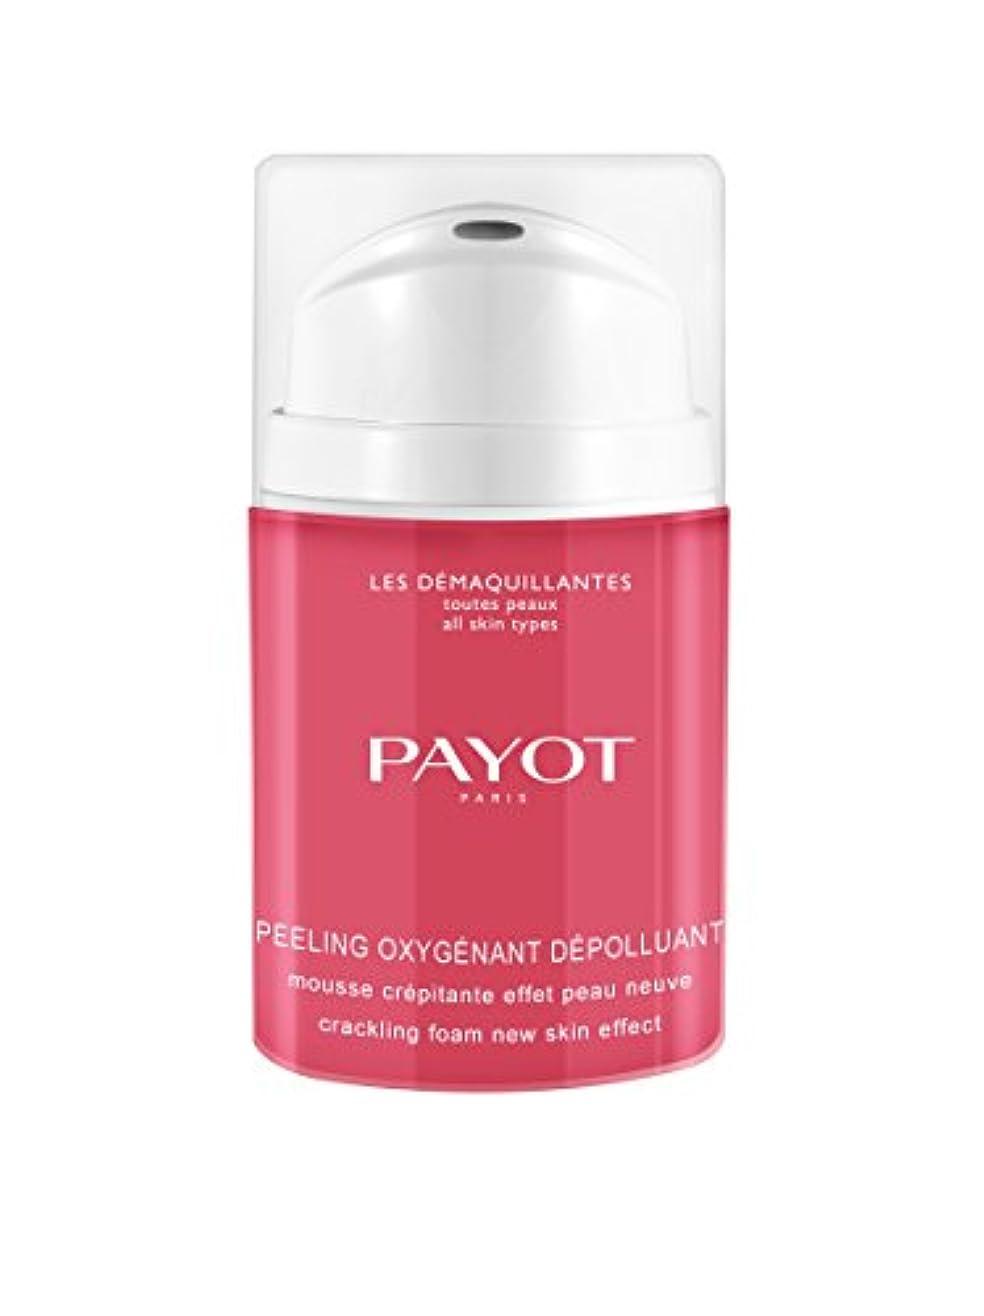 パイヨ Les Demaquillantes Peeling Oxygenant Depolluant - Cracking Foam New Skin Effect 40ml/1.35oz並行輸入品